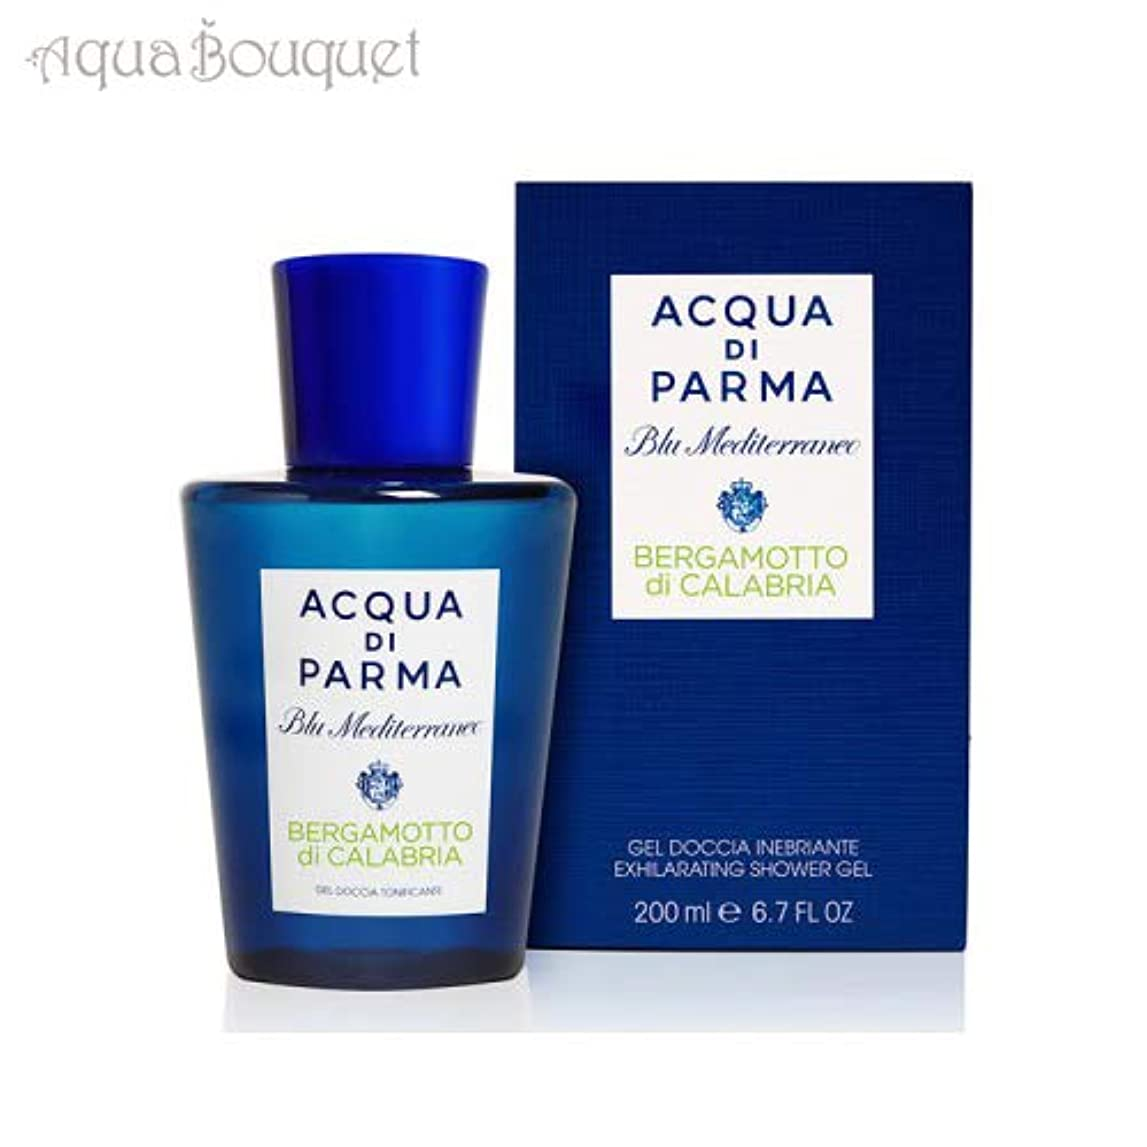 本質的に精緻化ジャケットアクア ディ パルマ ブルー メディテラネオ ベルガモット ディ カラブリア シャワージェル 200ml ACQUA DI PARMA BERGAMOTTO DI CALABRIA SHOWER GEL [並行輸入品]